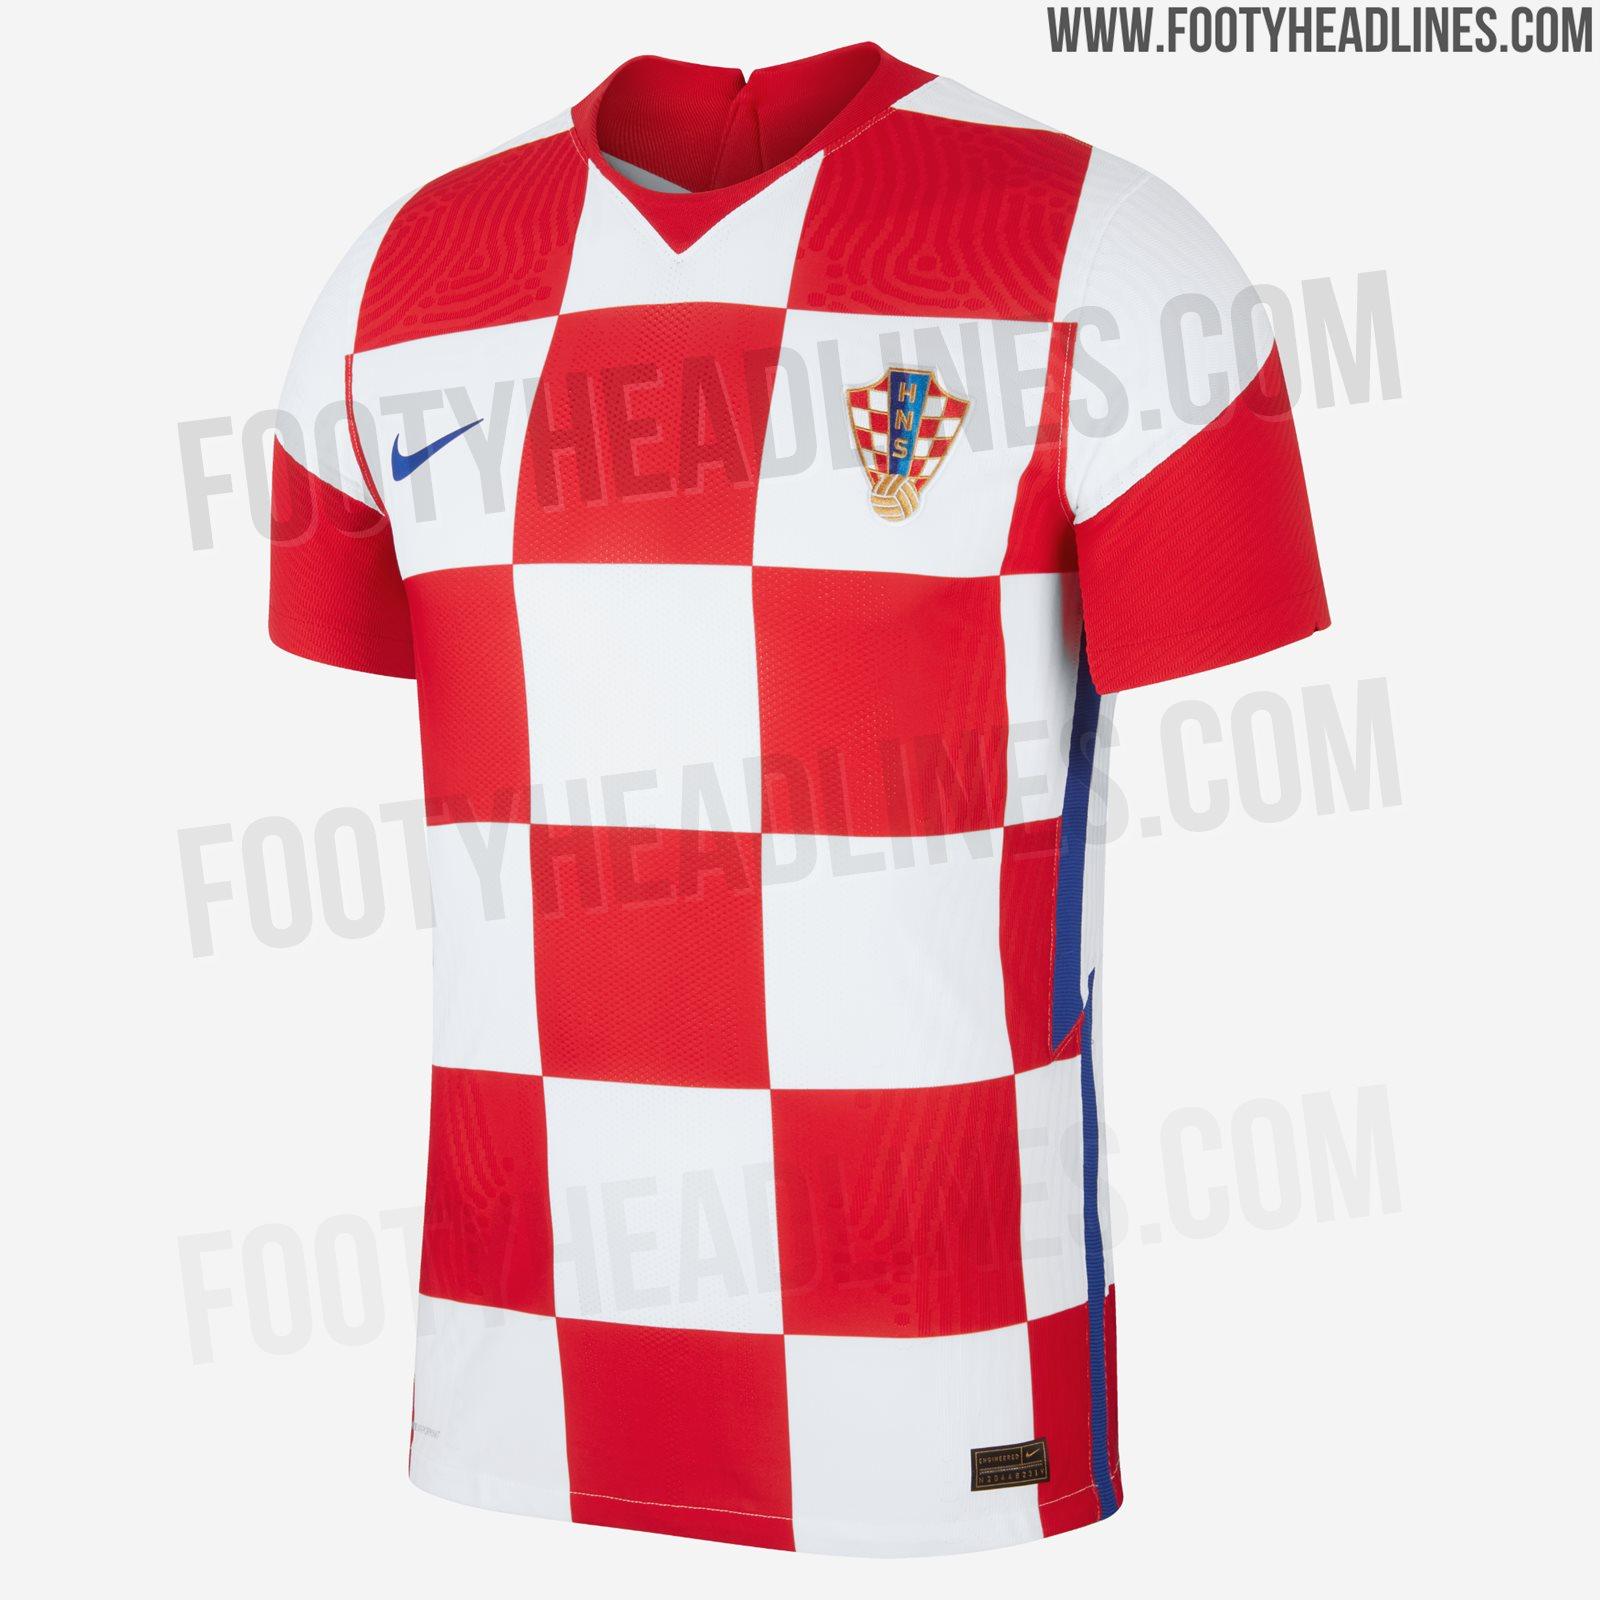 croatia-2020-home-kit+%25282%2529.jpg